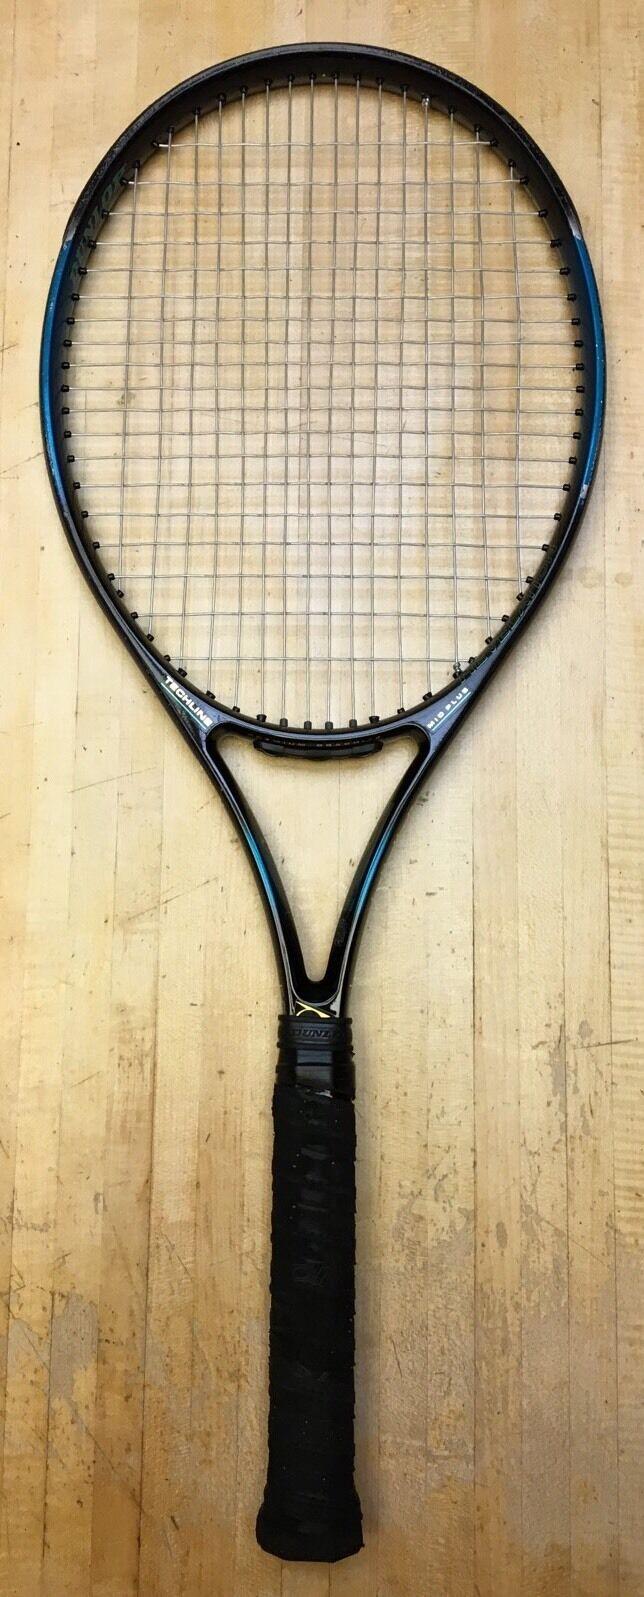 Dunlop Tour Revelation Techline Mid Plus Tennis Tennis Tennis Racquet 4 1/2 62dacb